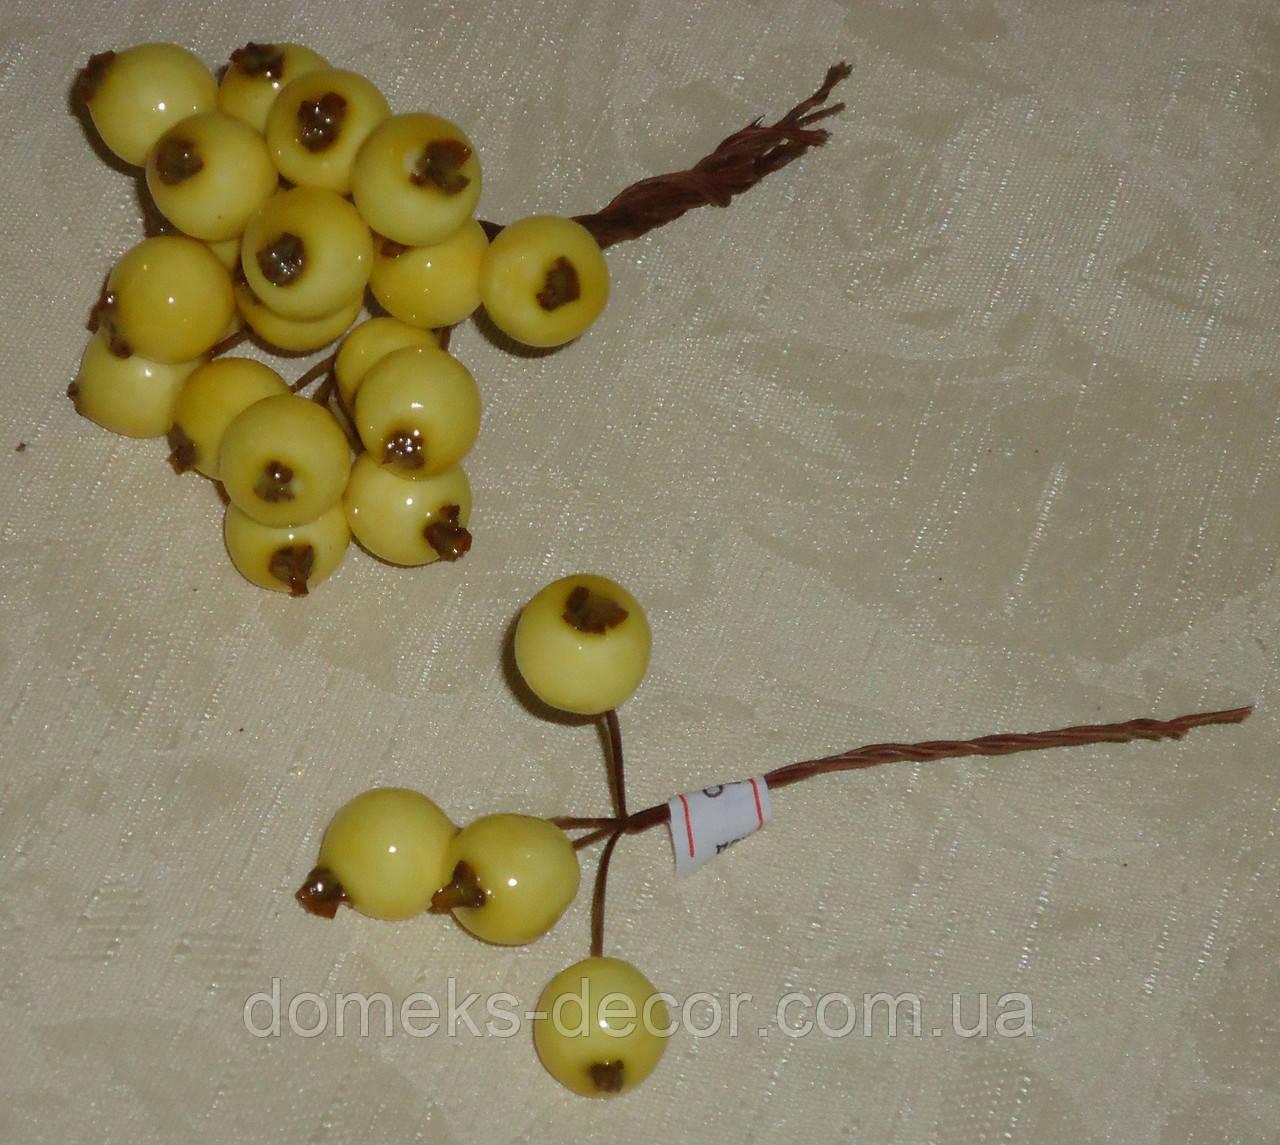 Искусственные ягоды глода бледно-желтые 4 шт, фото 1